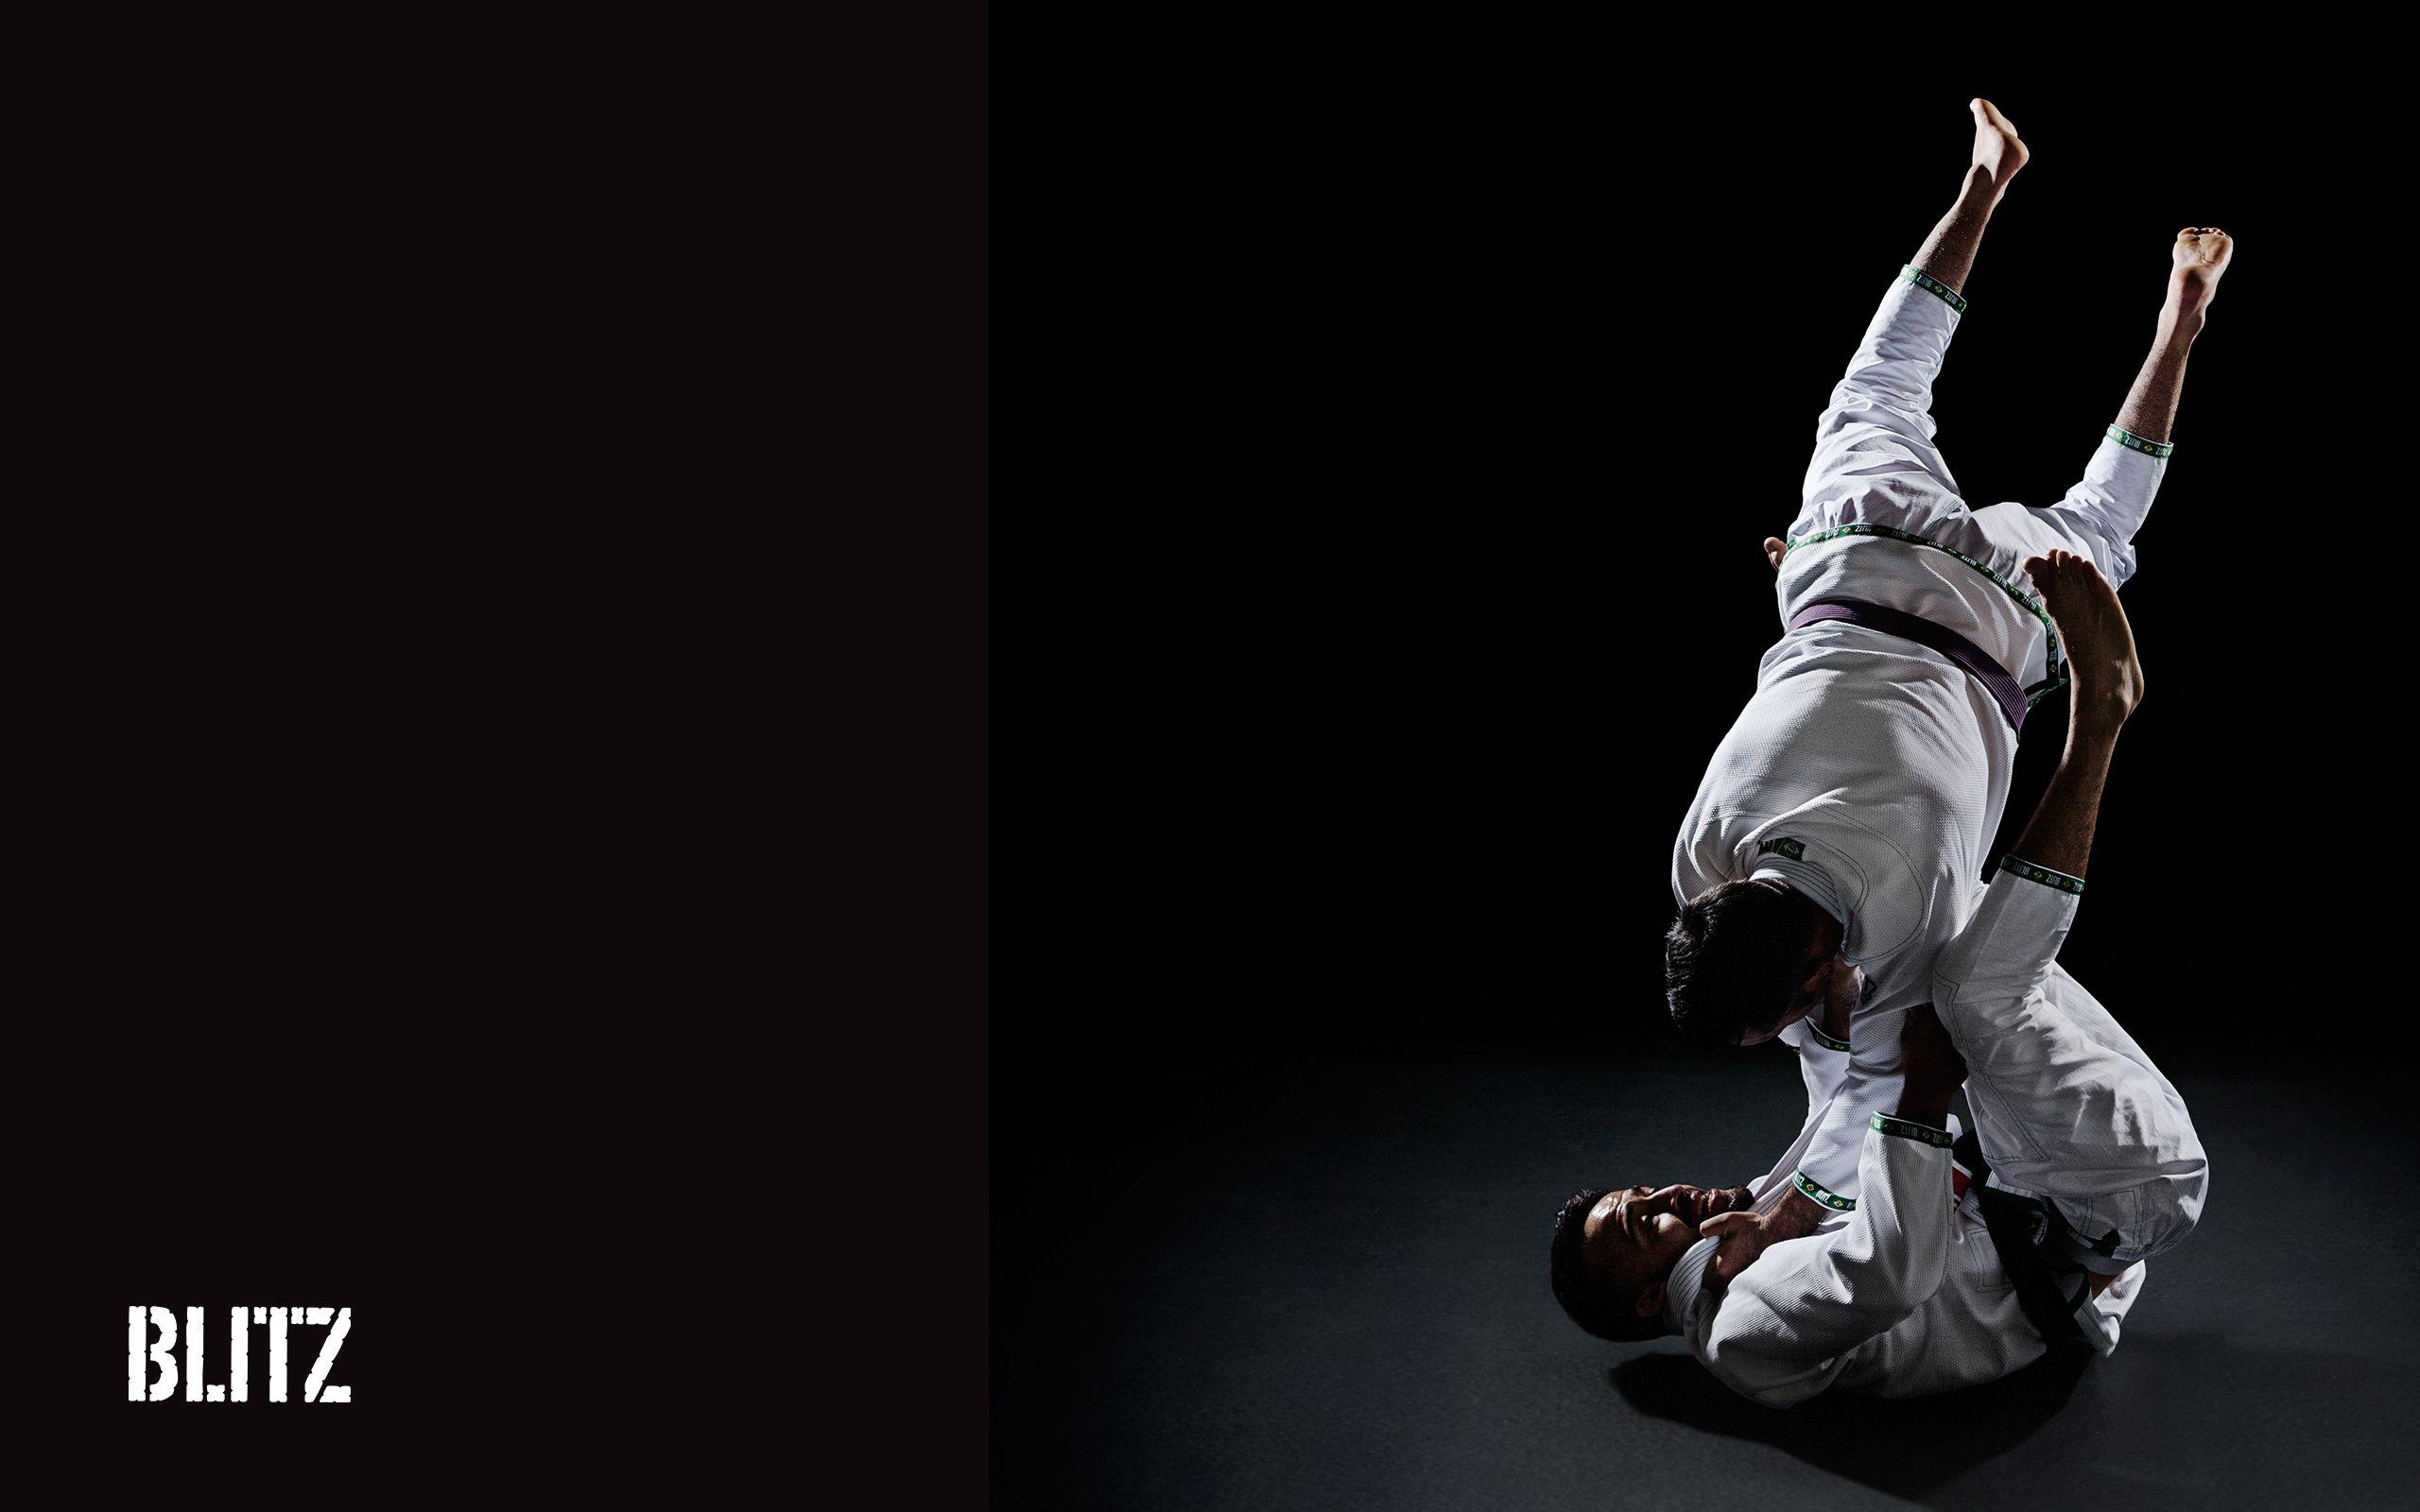 blitz brazilian jiu jitsu wallpaper (2560 x 1600) | brazilian jiu